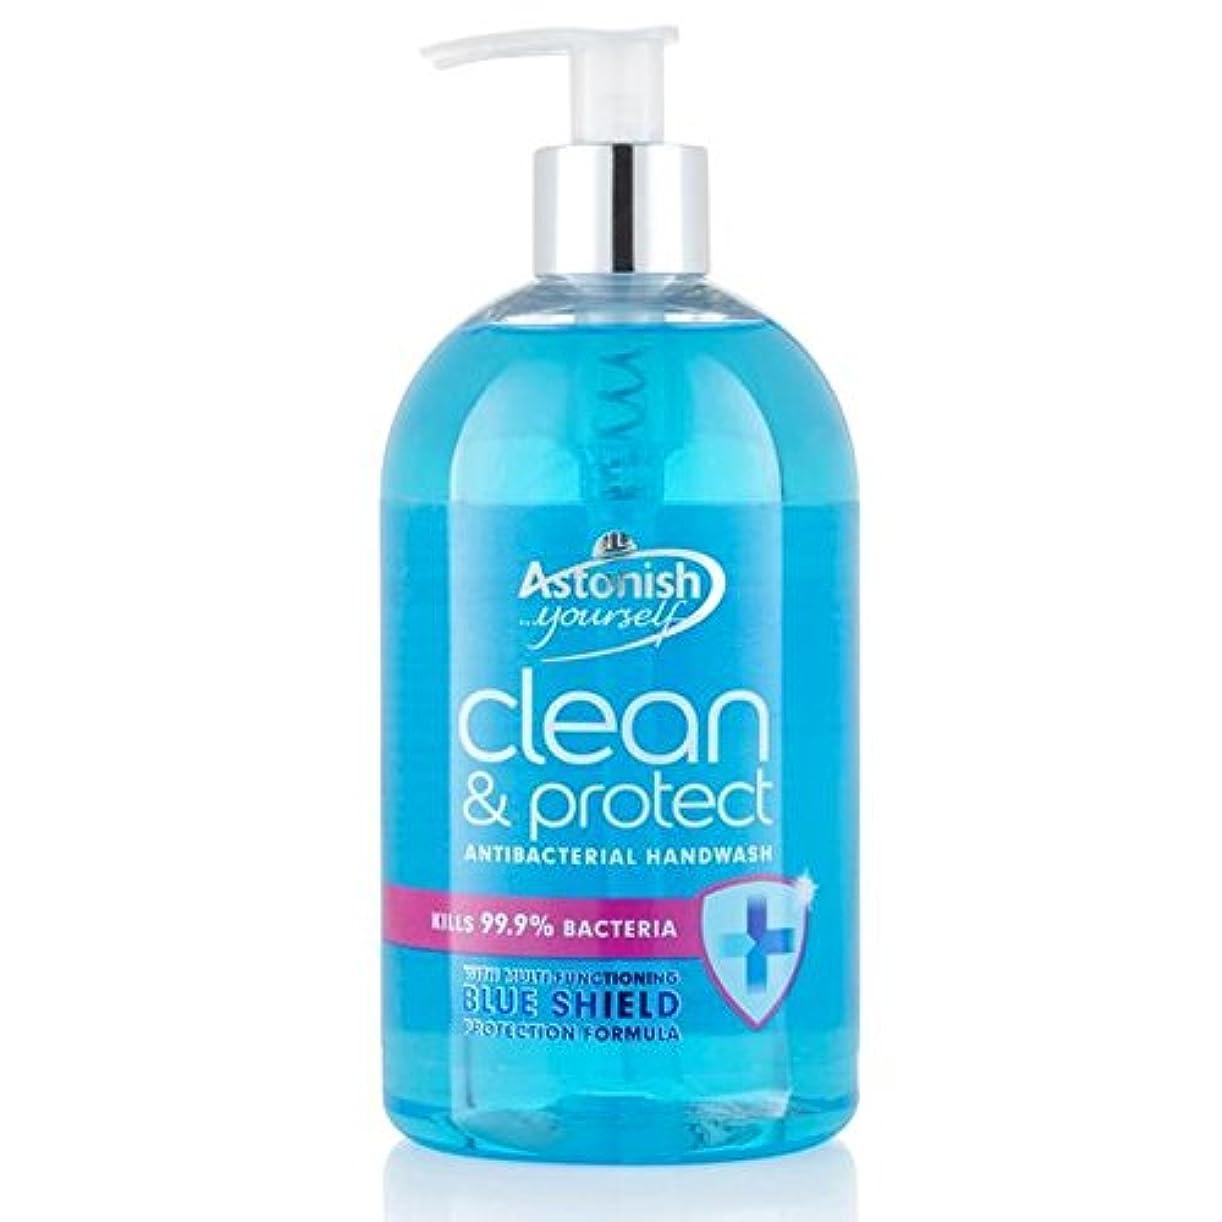 デコードするその間後方クリーン驚か&ハンドウォッシュ500ミリリットルを保護 x2 - Astonish Clean & Protect Hand Wash 500ml (Pack of 2) [並行輸入品]